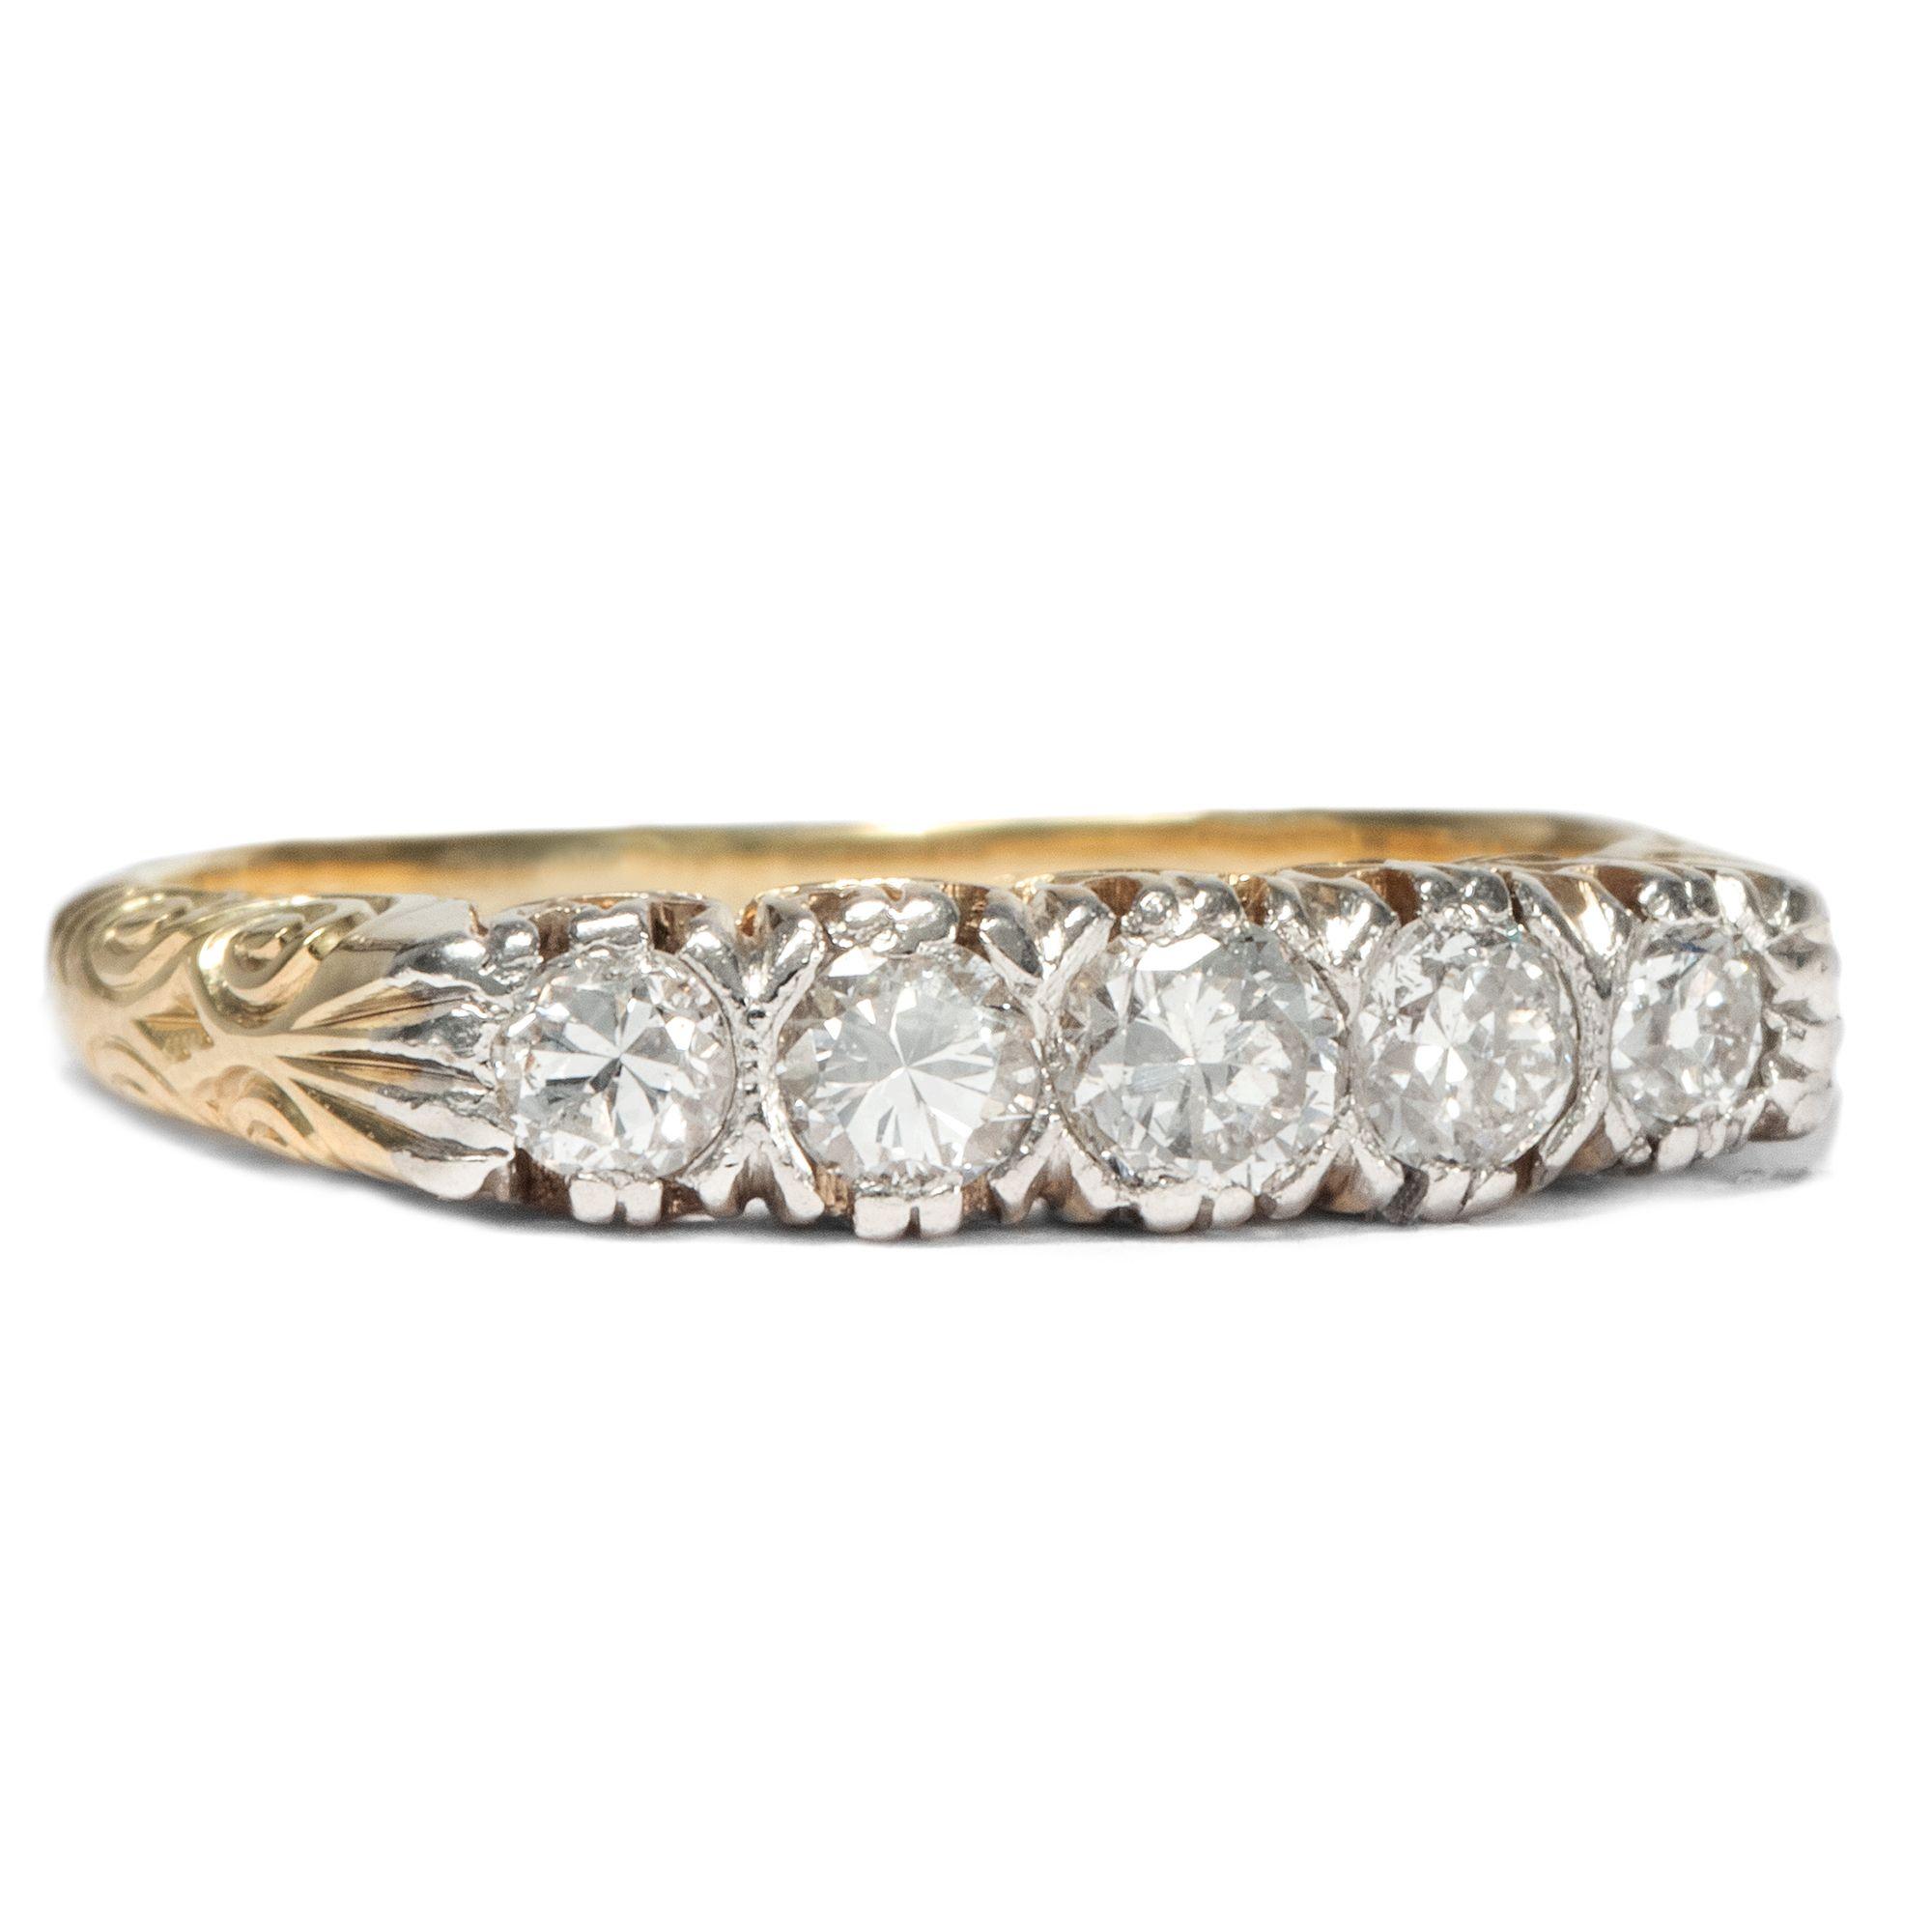 Amors Addition - Antiker Diamant-Ring in Gold & Platin, Deutschland um 1935 von Hofer Antikschmuck aus Berlin // #hoferantikschmuck #antik #schmuck #Ringe #antique #jewellery #jewelry // www.hofer-antikschmuck.de (19-1029)